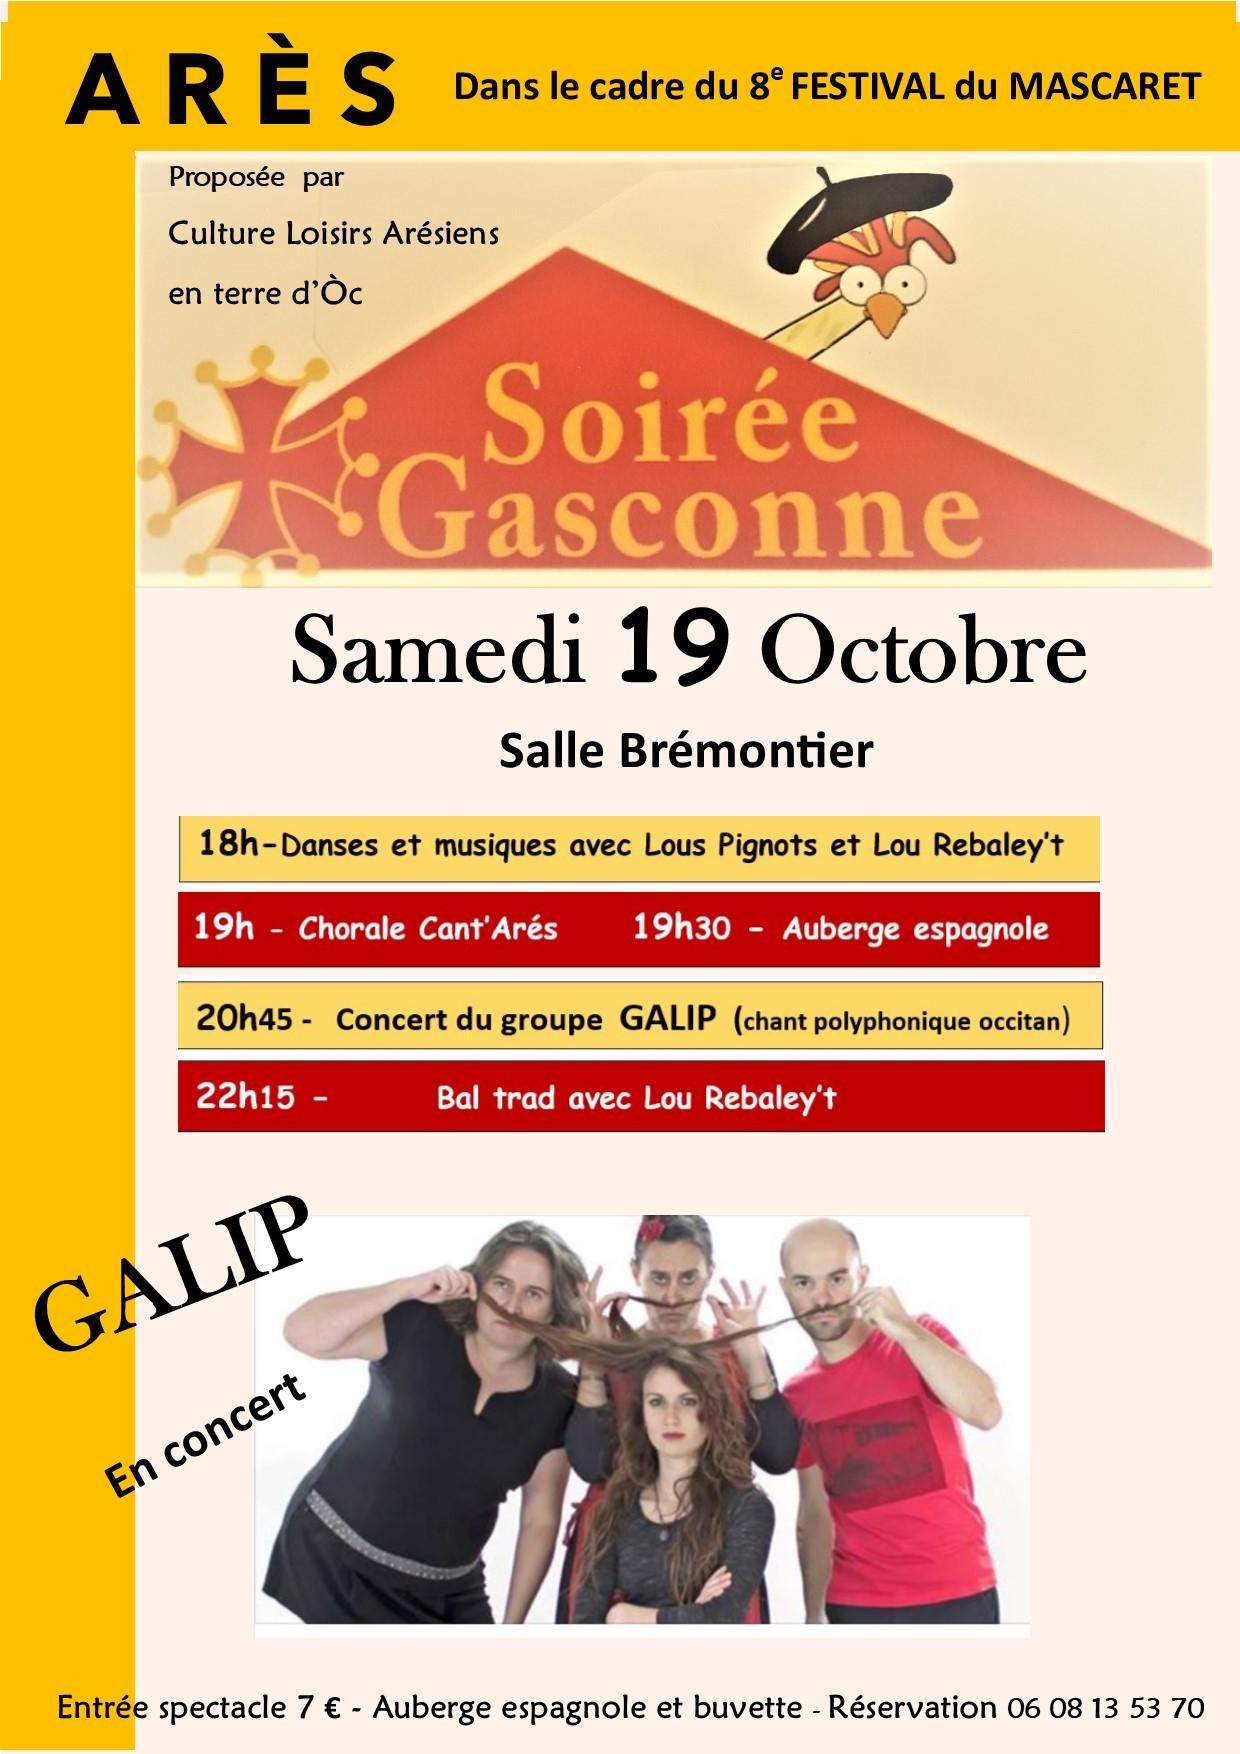 Soirée gasconne et concert de GALIP à Arès